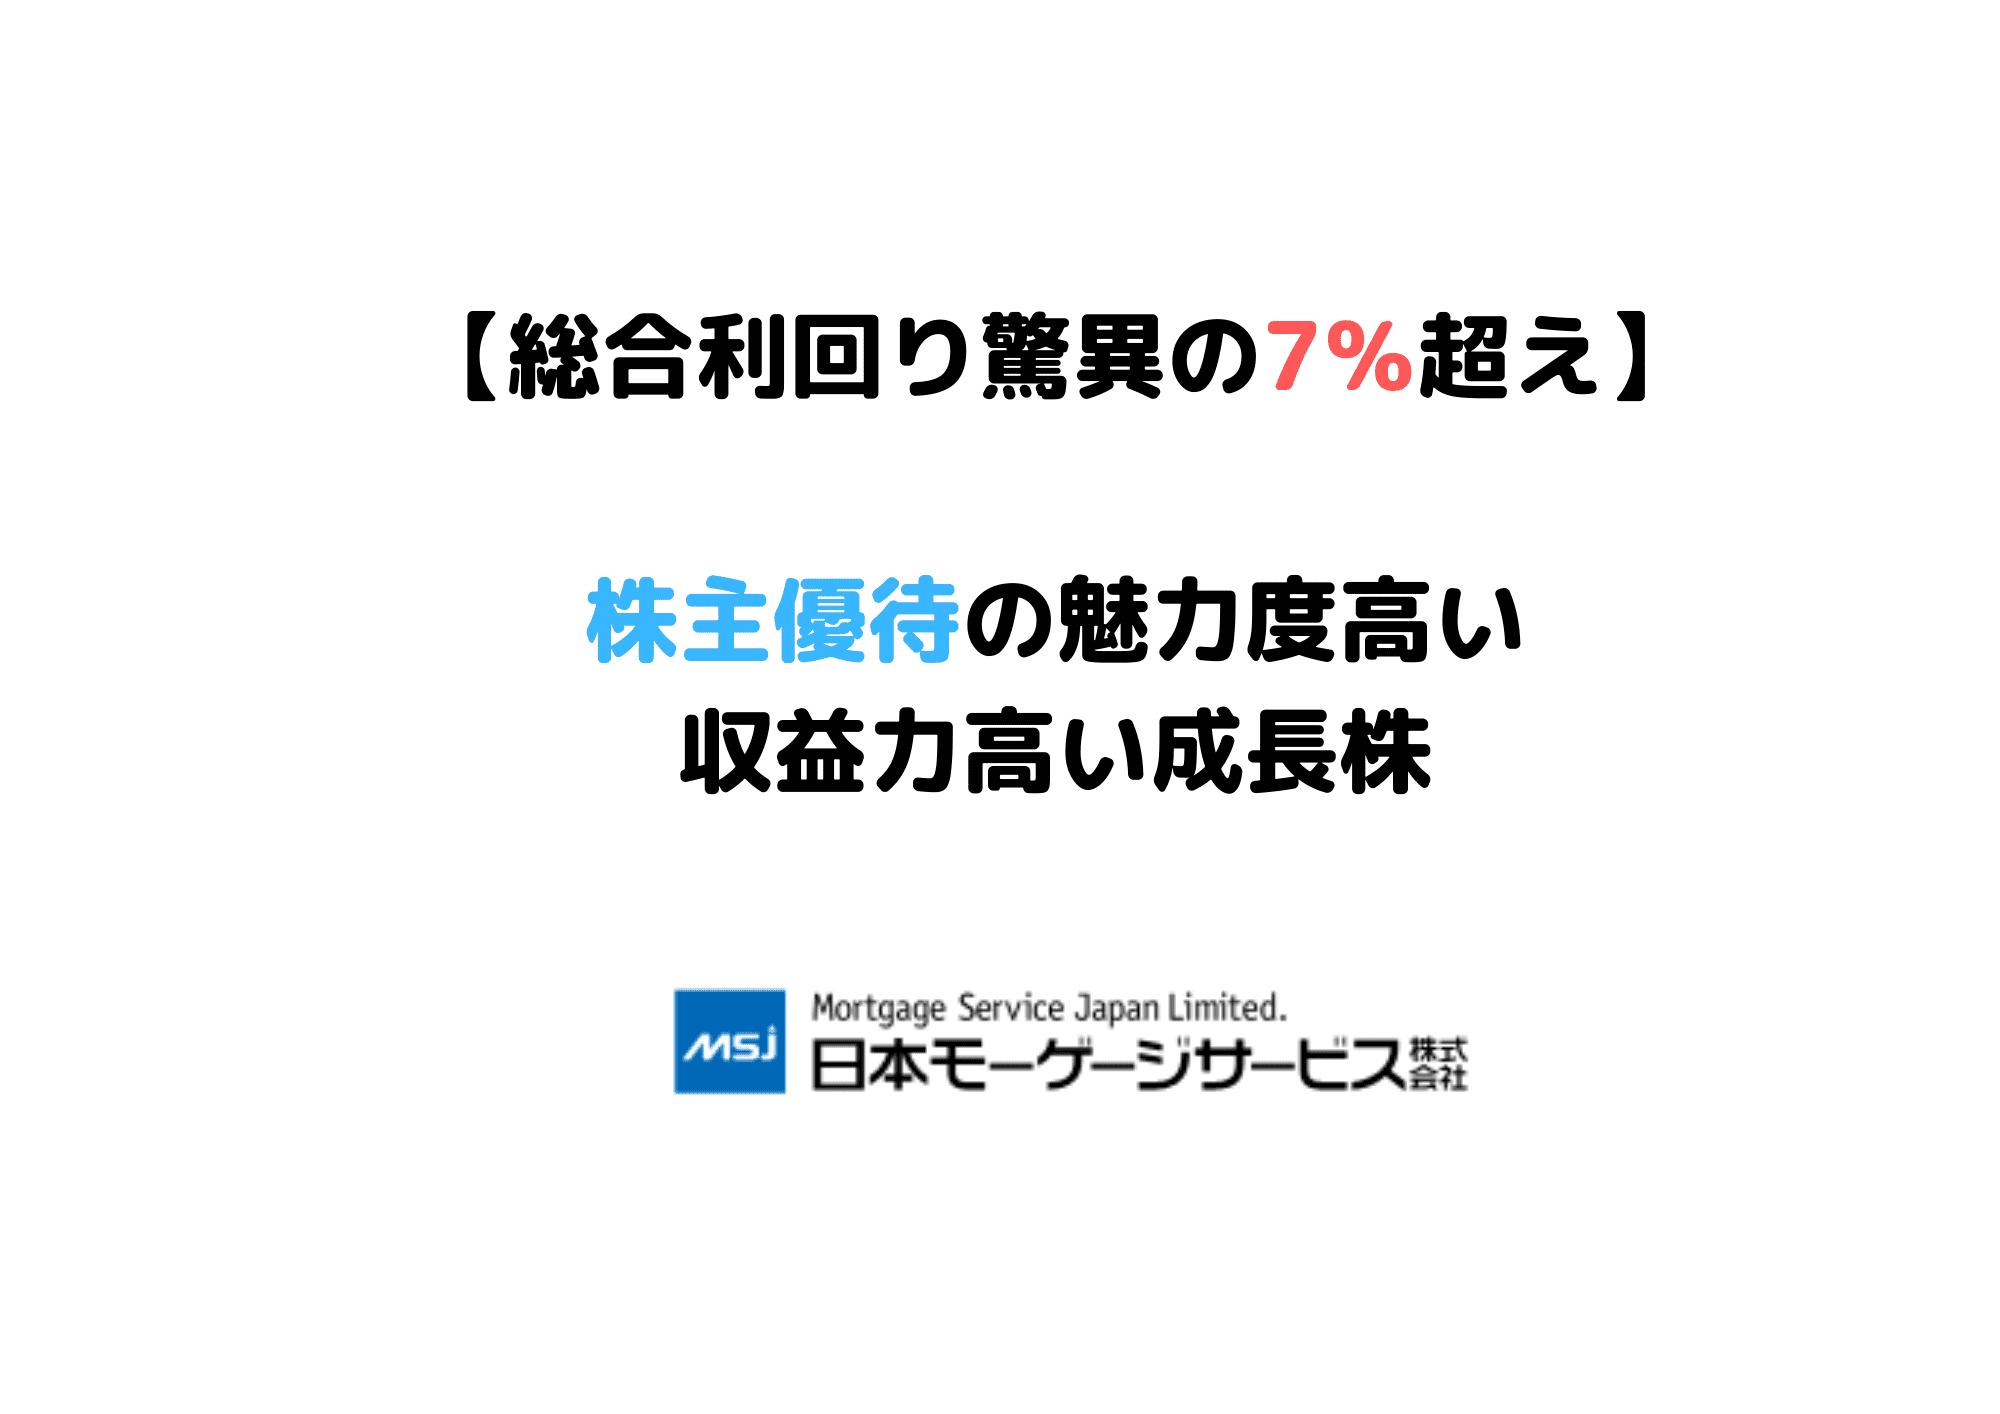 日本モーゲージサービス優待